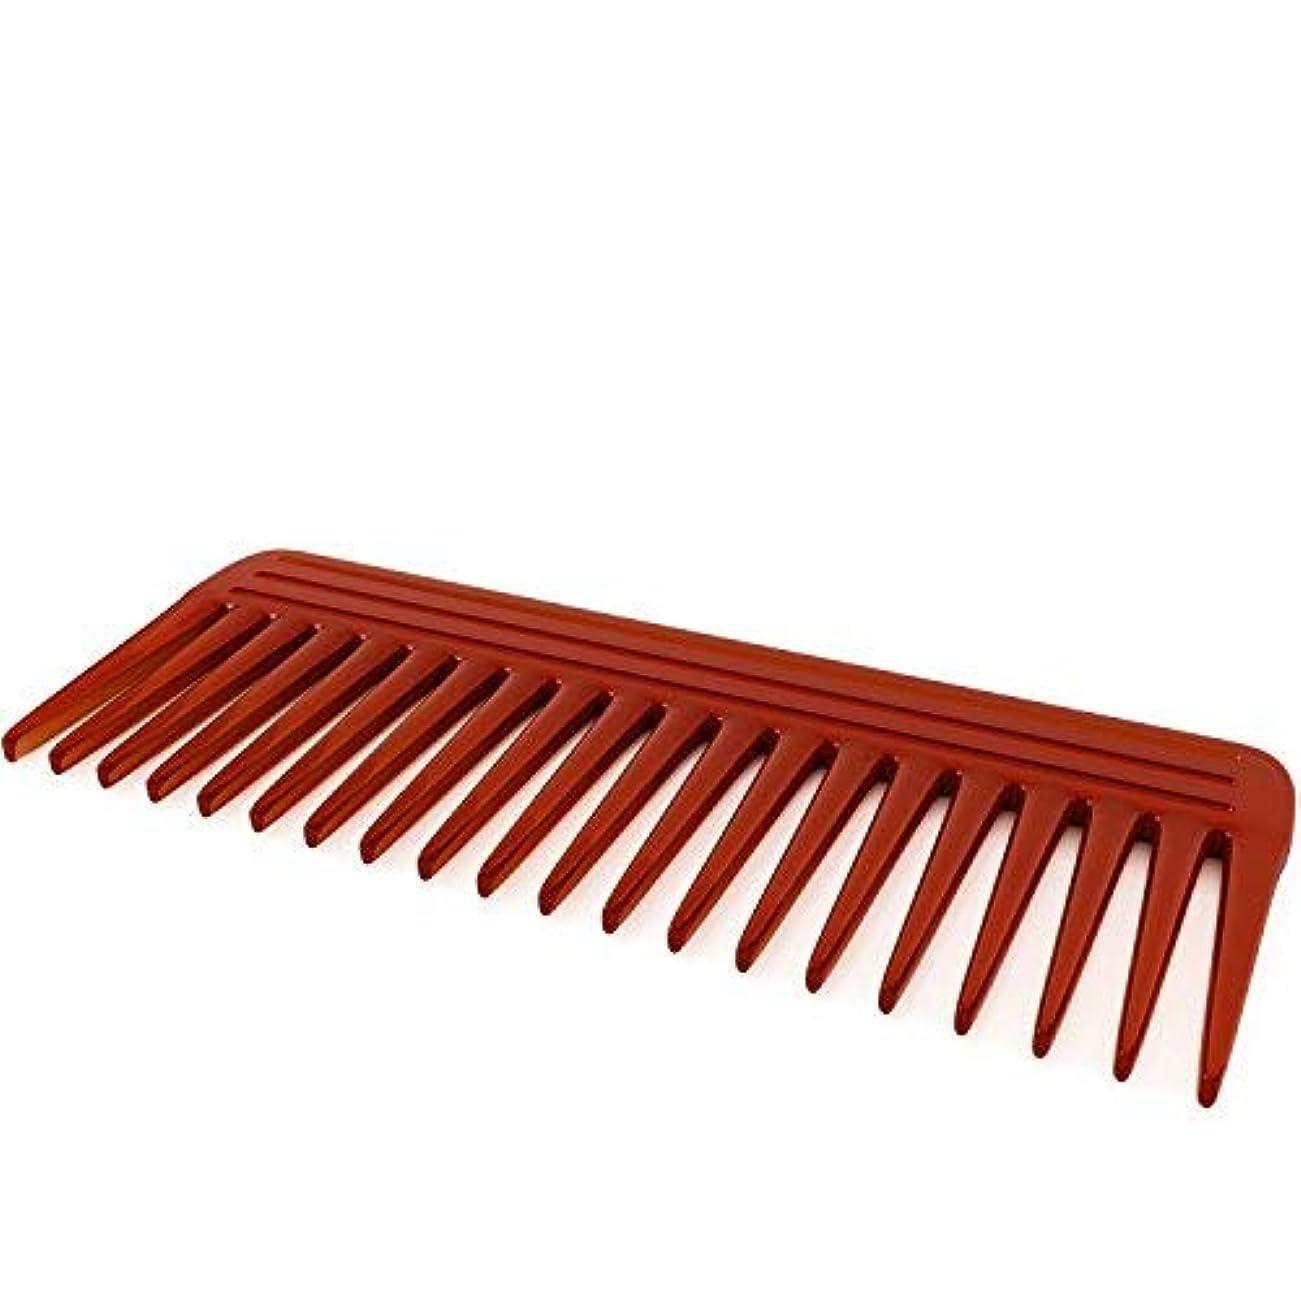 ポケット退化するこねるNatural Hair Comb for Men & Women - Made From Pure Resin Pulp - Best Styling Comb for Long, Wet or Curly Hair...